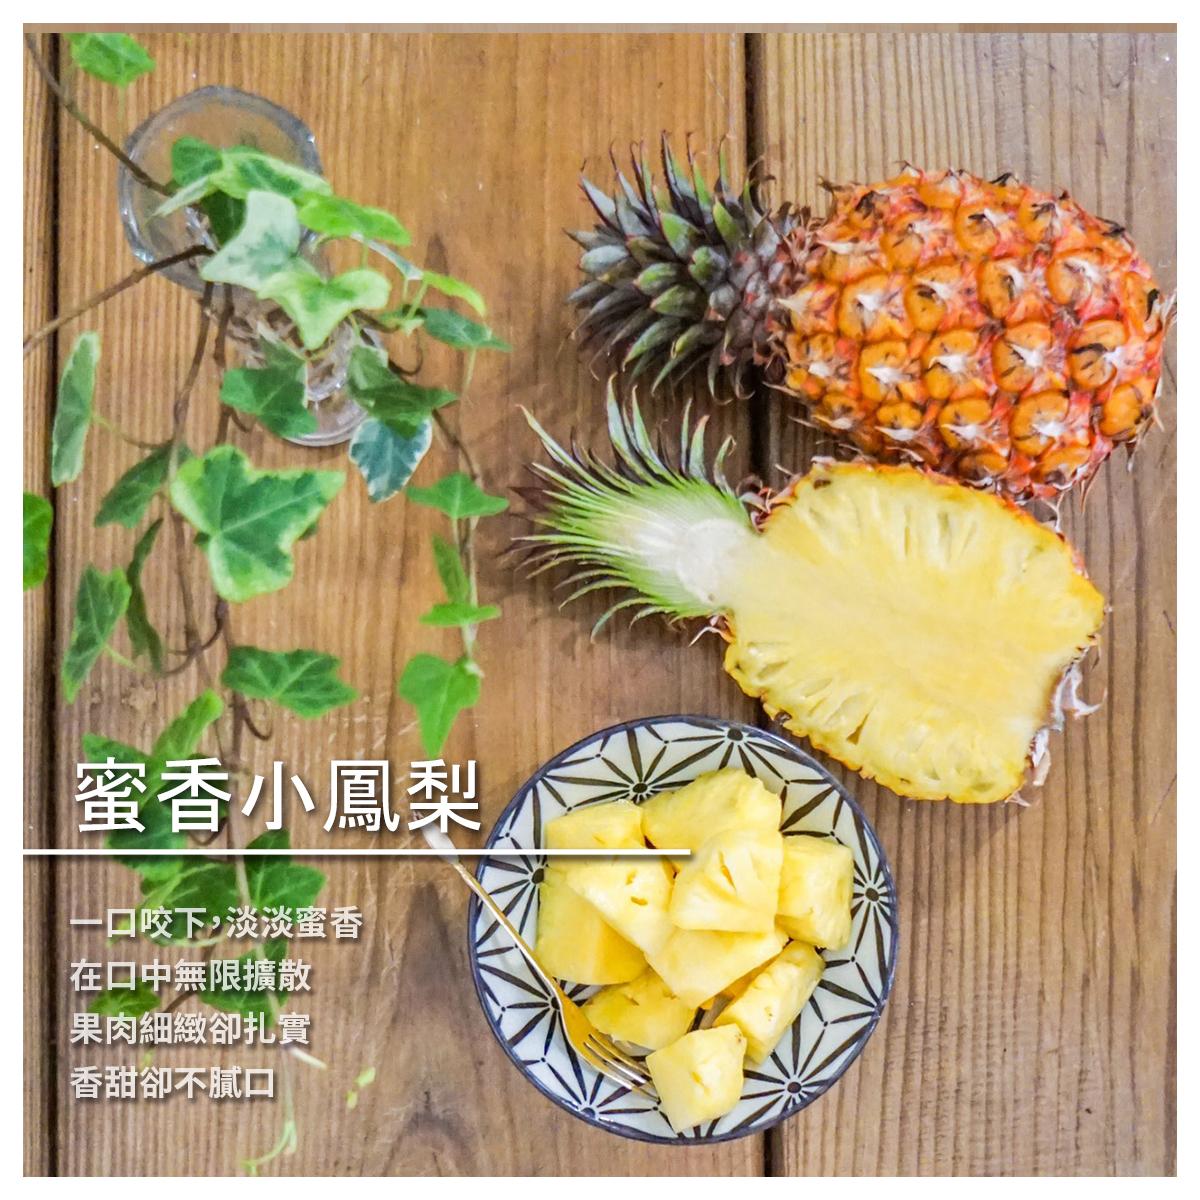 【17吃旺來】蜜香小鳳梨/1箱/18斤